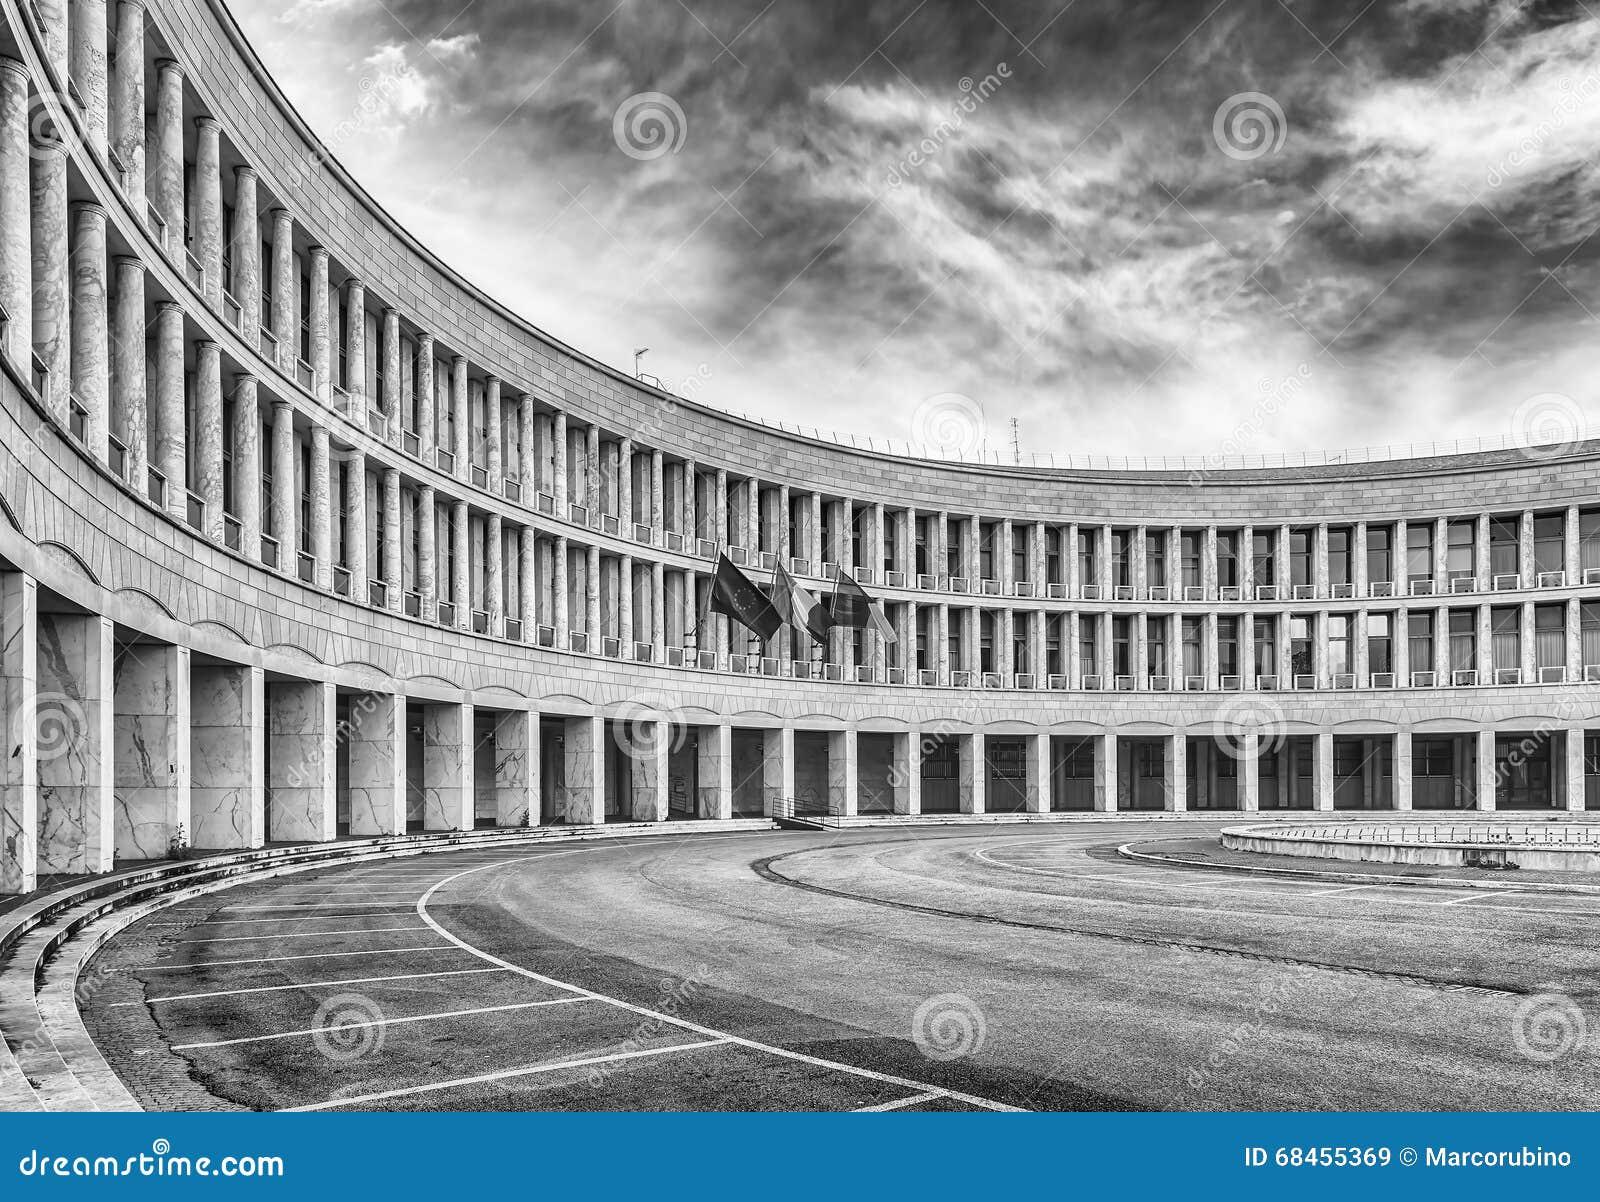 Architettura neoclassica nel distretto di eur roma for Architettura fascista